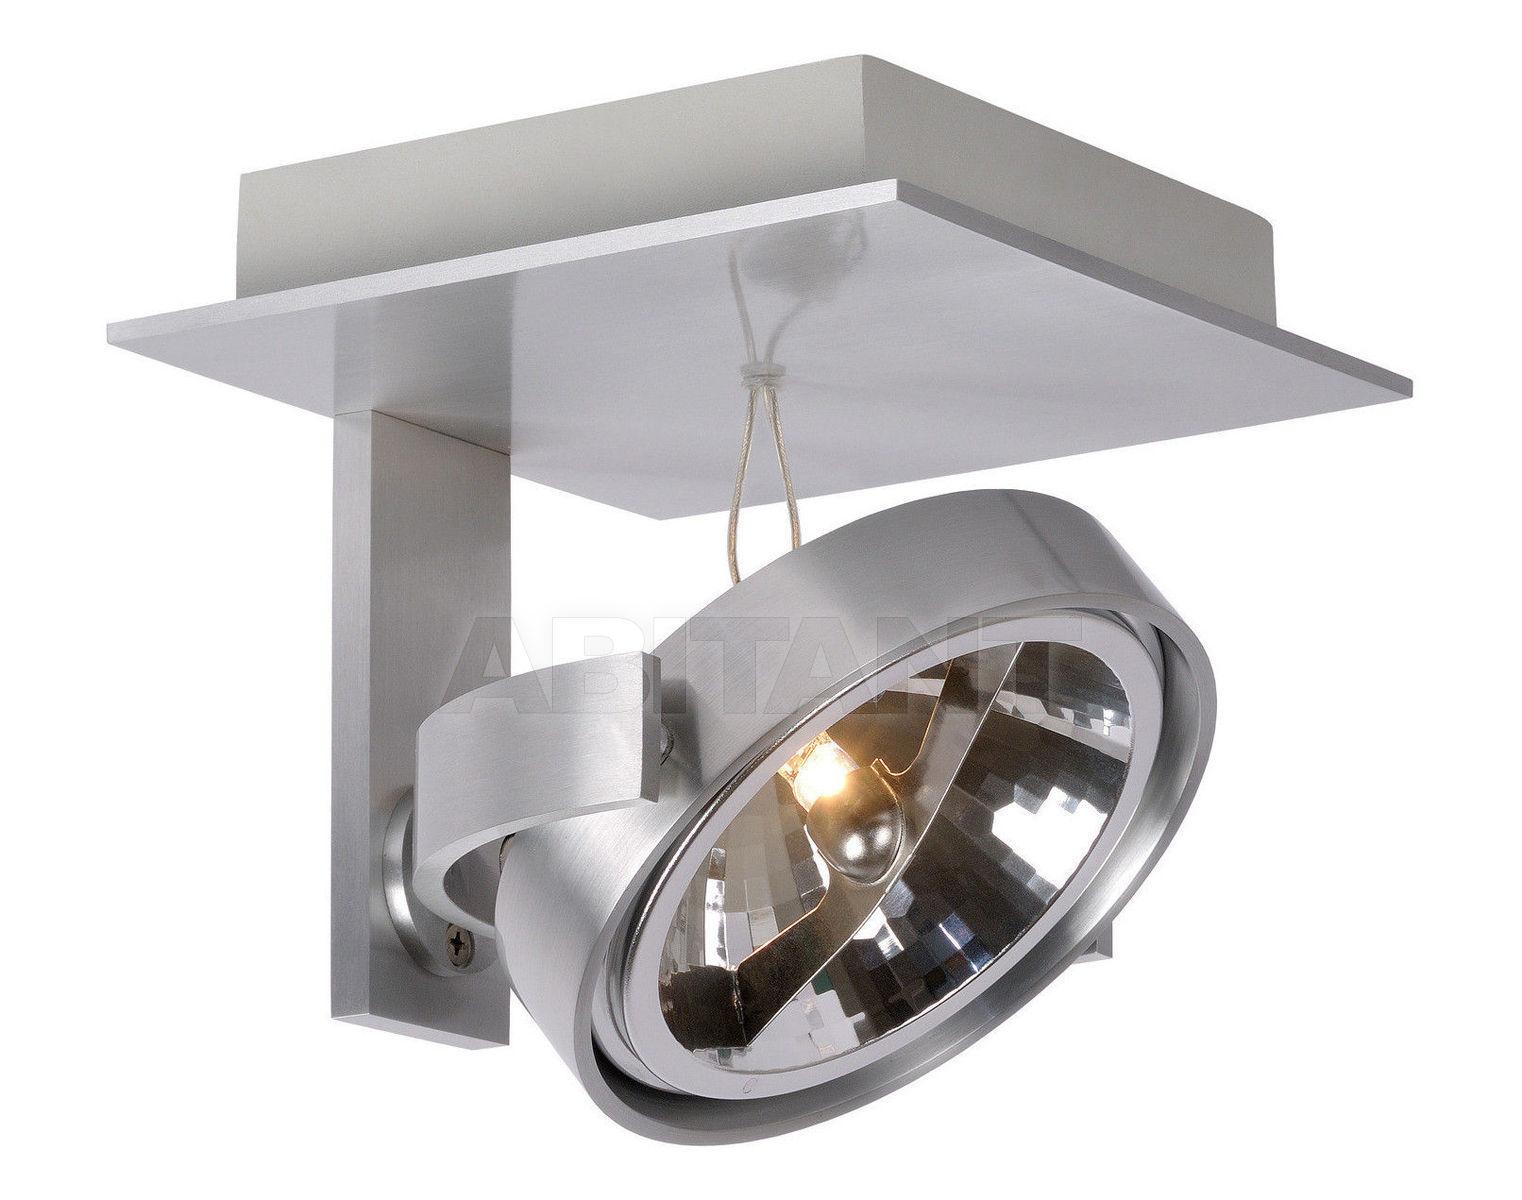 Купить Светильник-спот SPECTRUM Lucide  Technical 10981/21/12